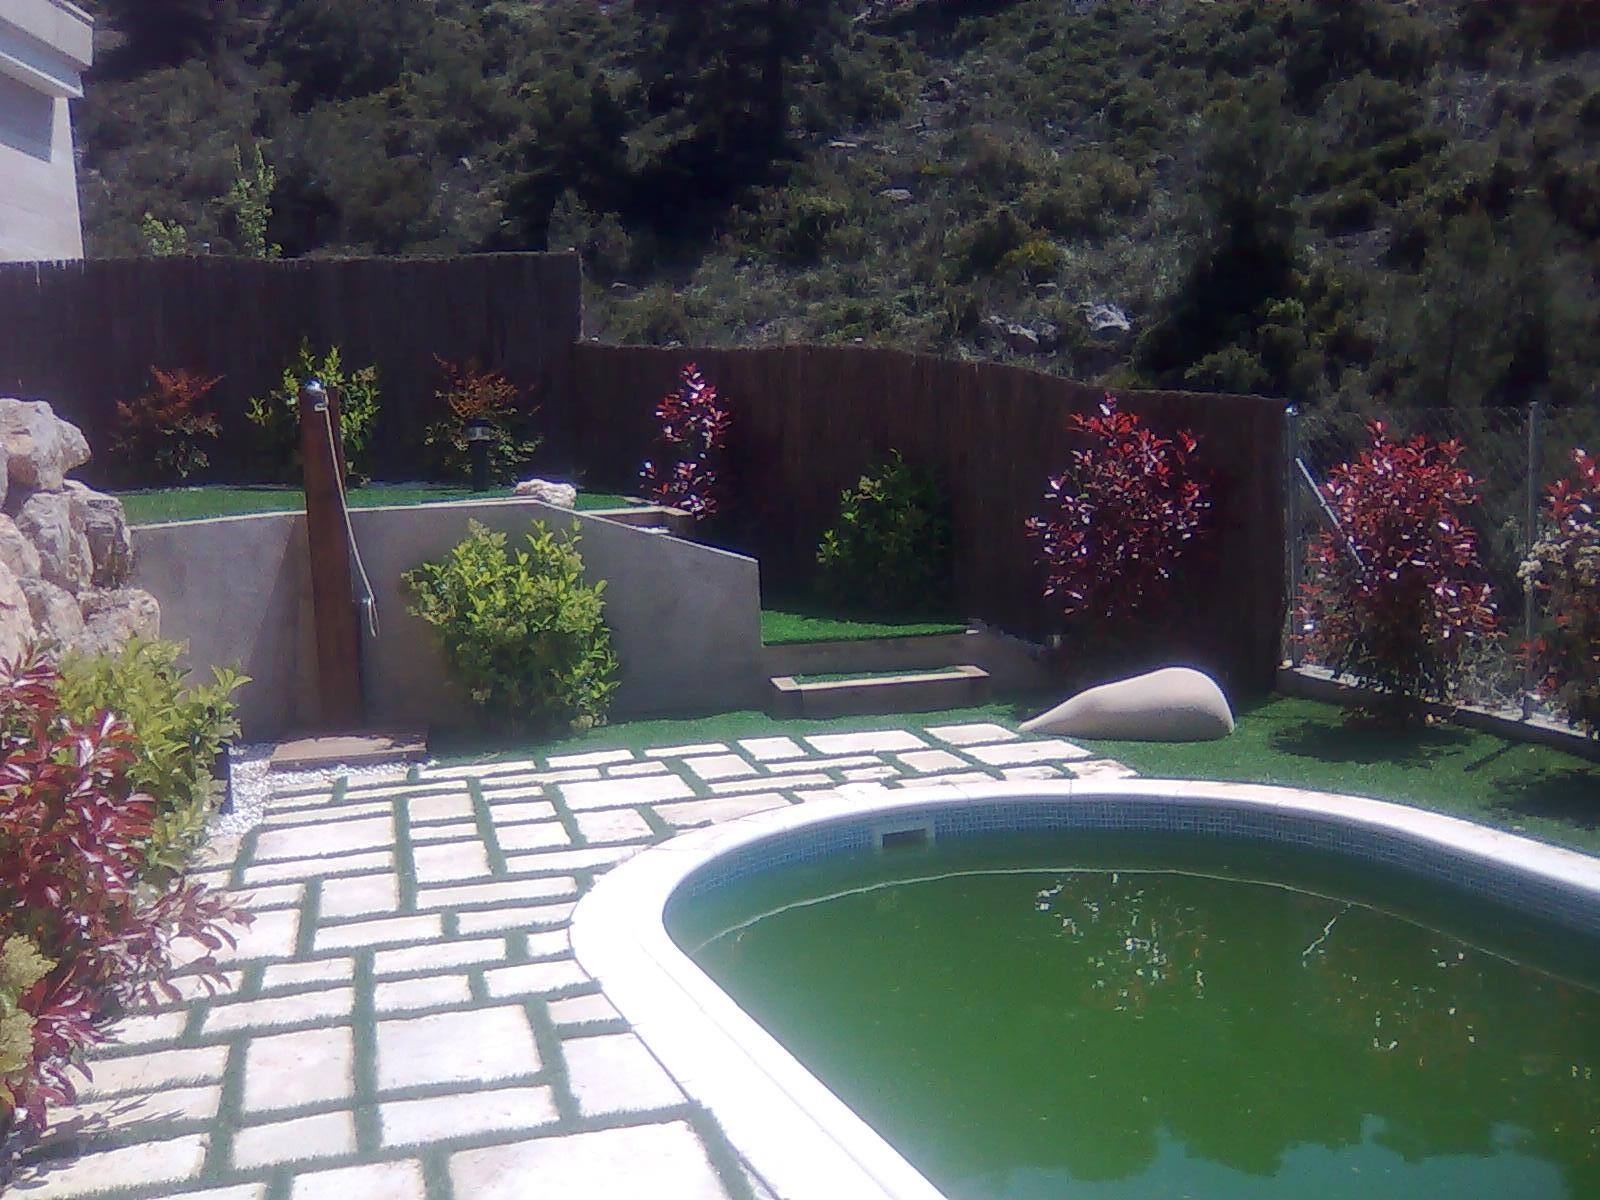 Jardineria paisajes dise o y construccion de jardines for Diseno de paisajes y jardines